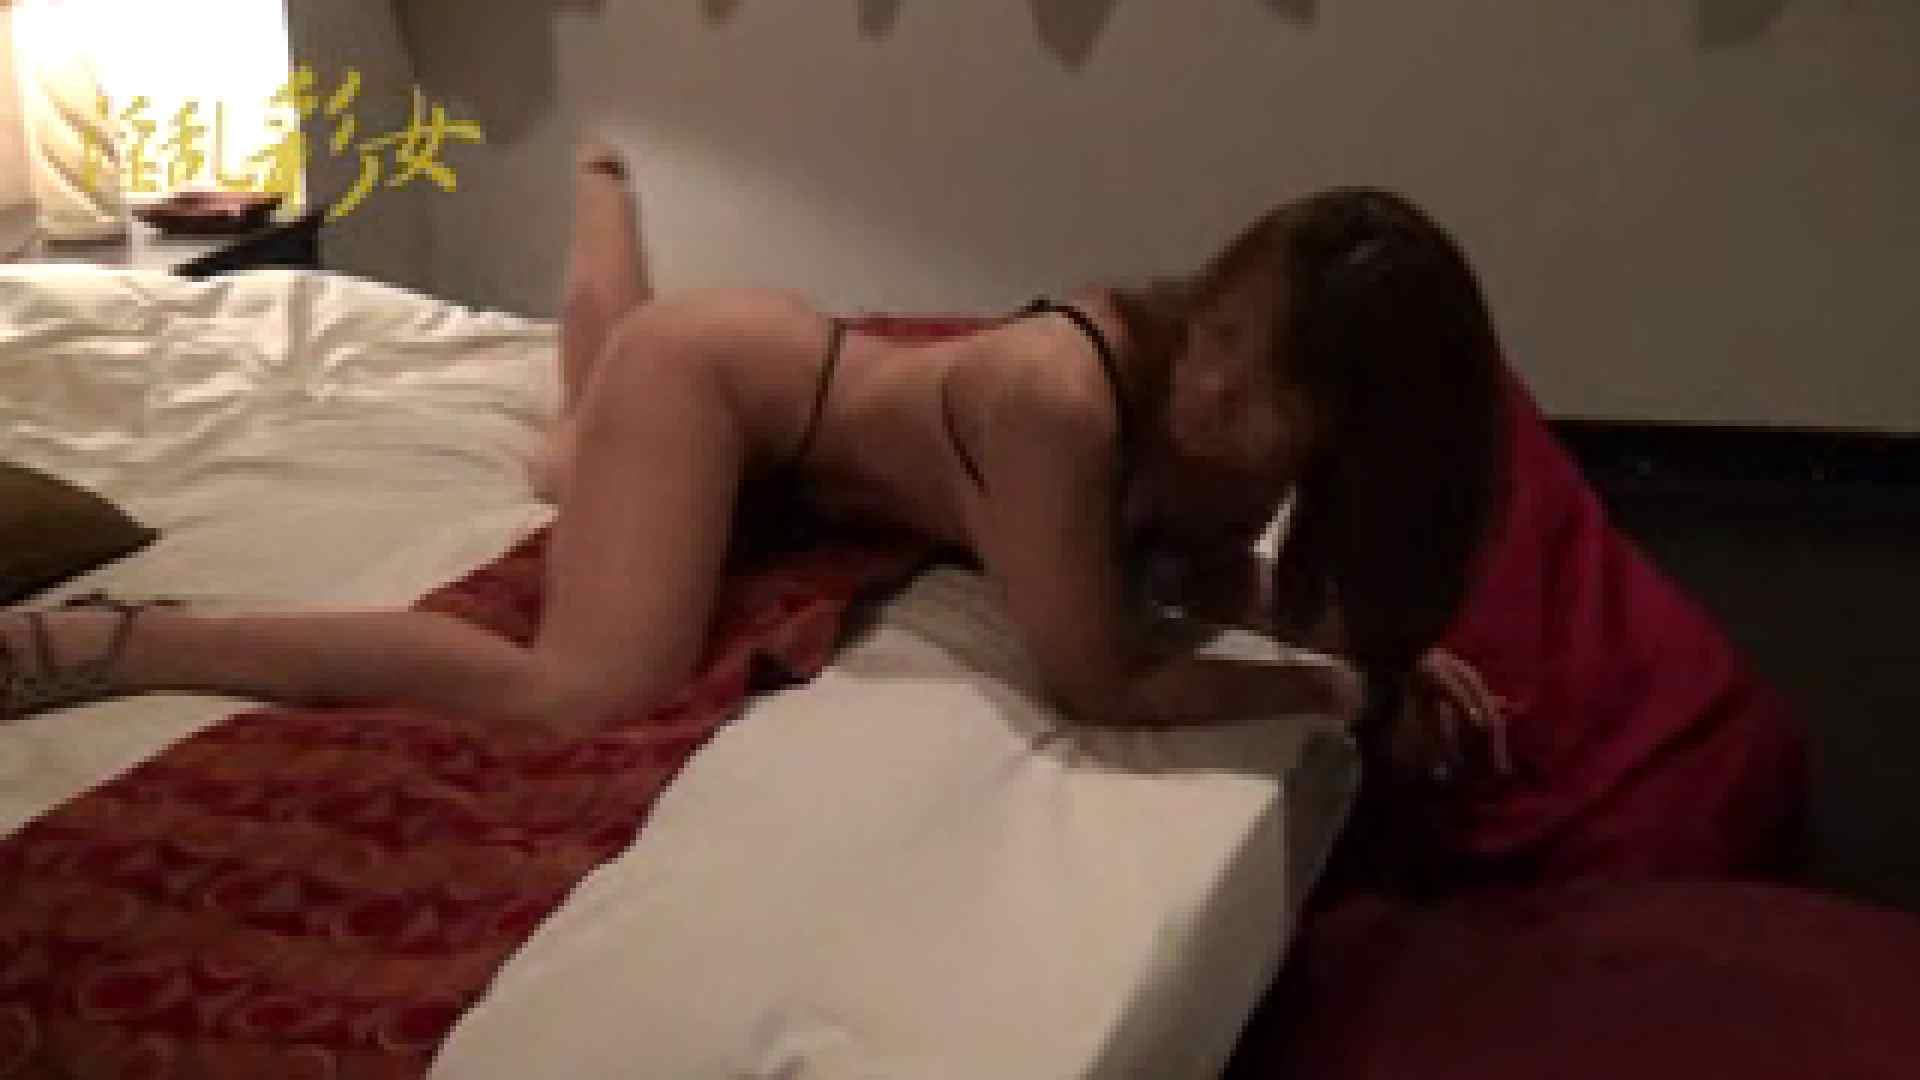 淫乱彩女麻優里 30歳デカマラ単独君 ハイビジョン ホテル潜入   SEX  103pic 47